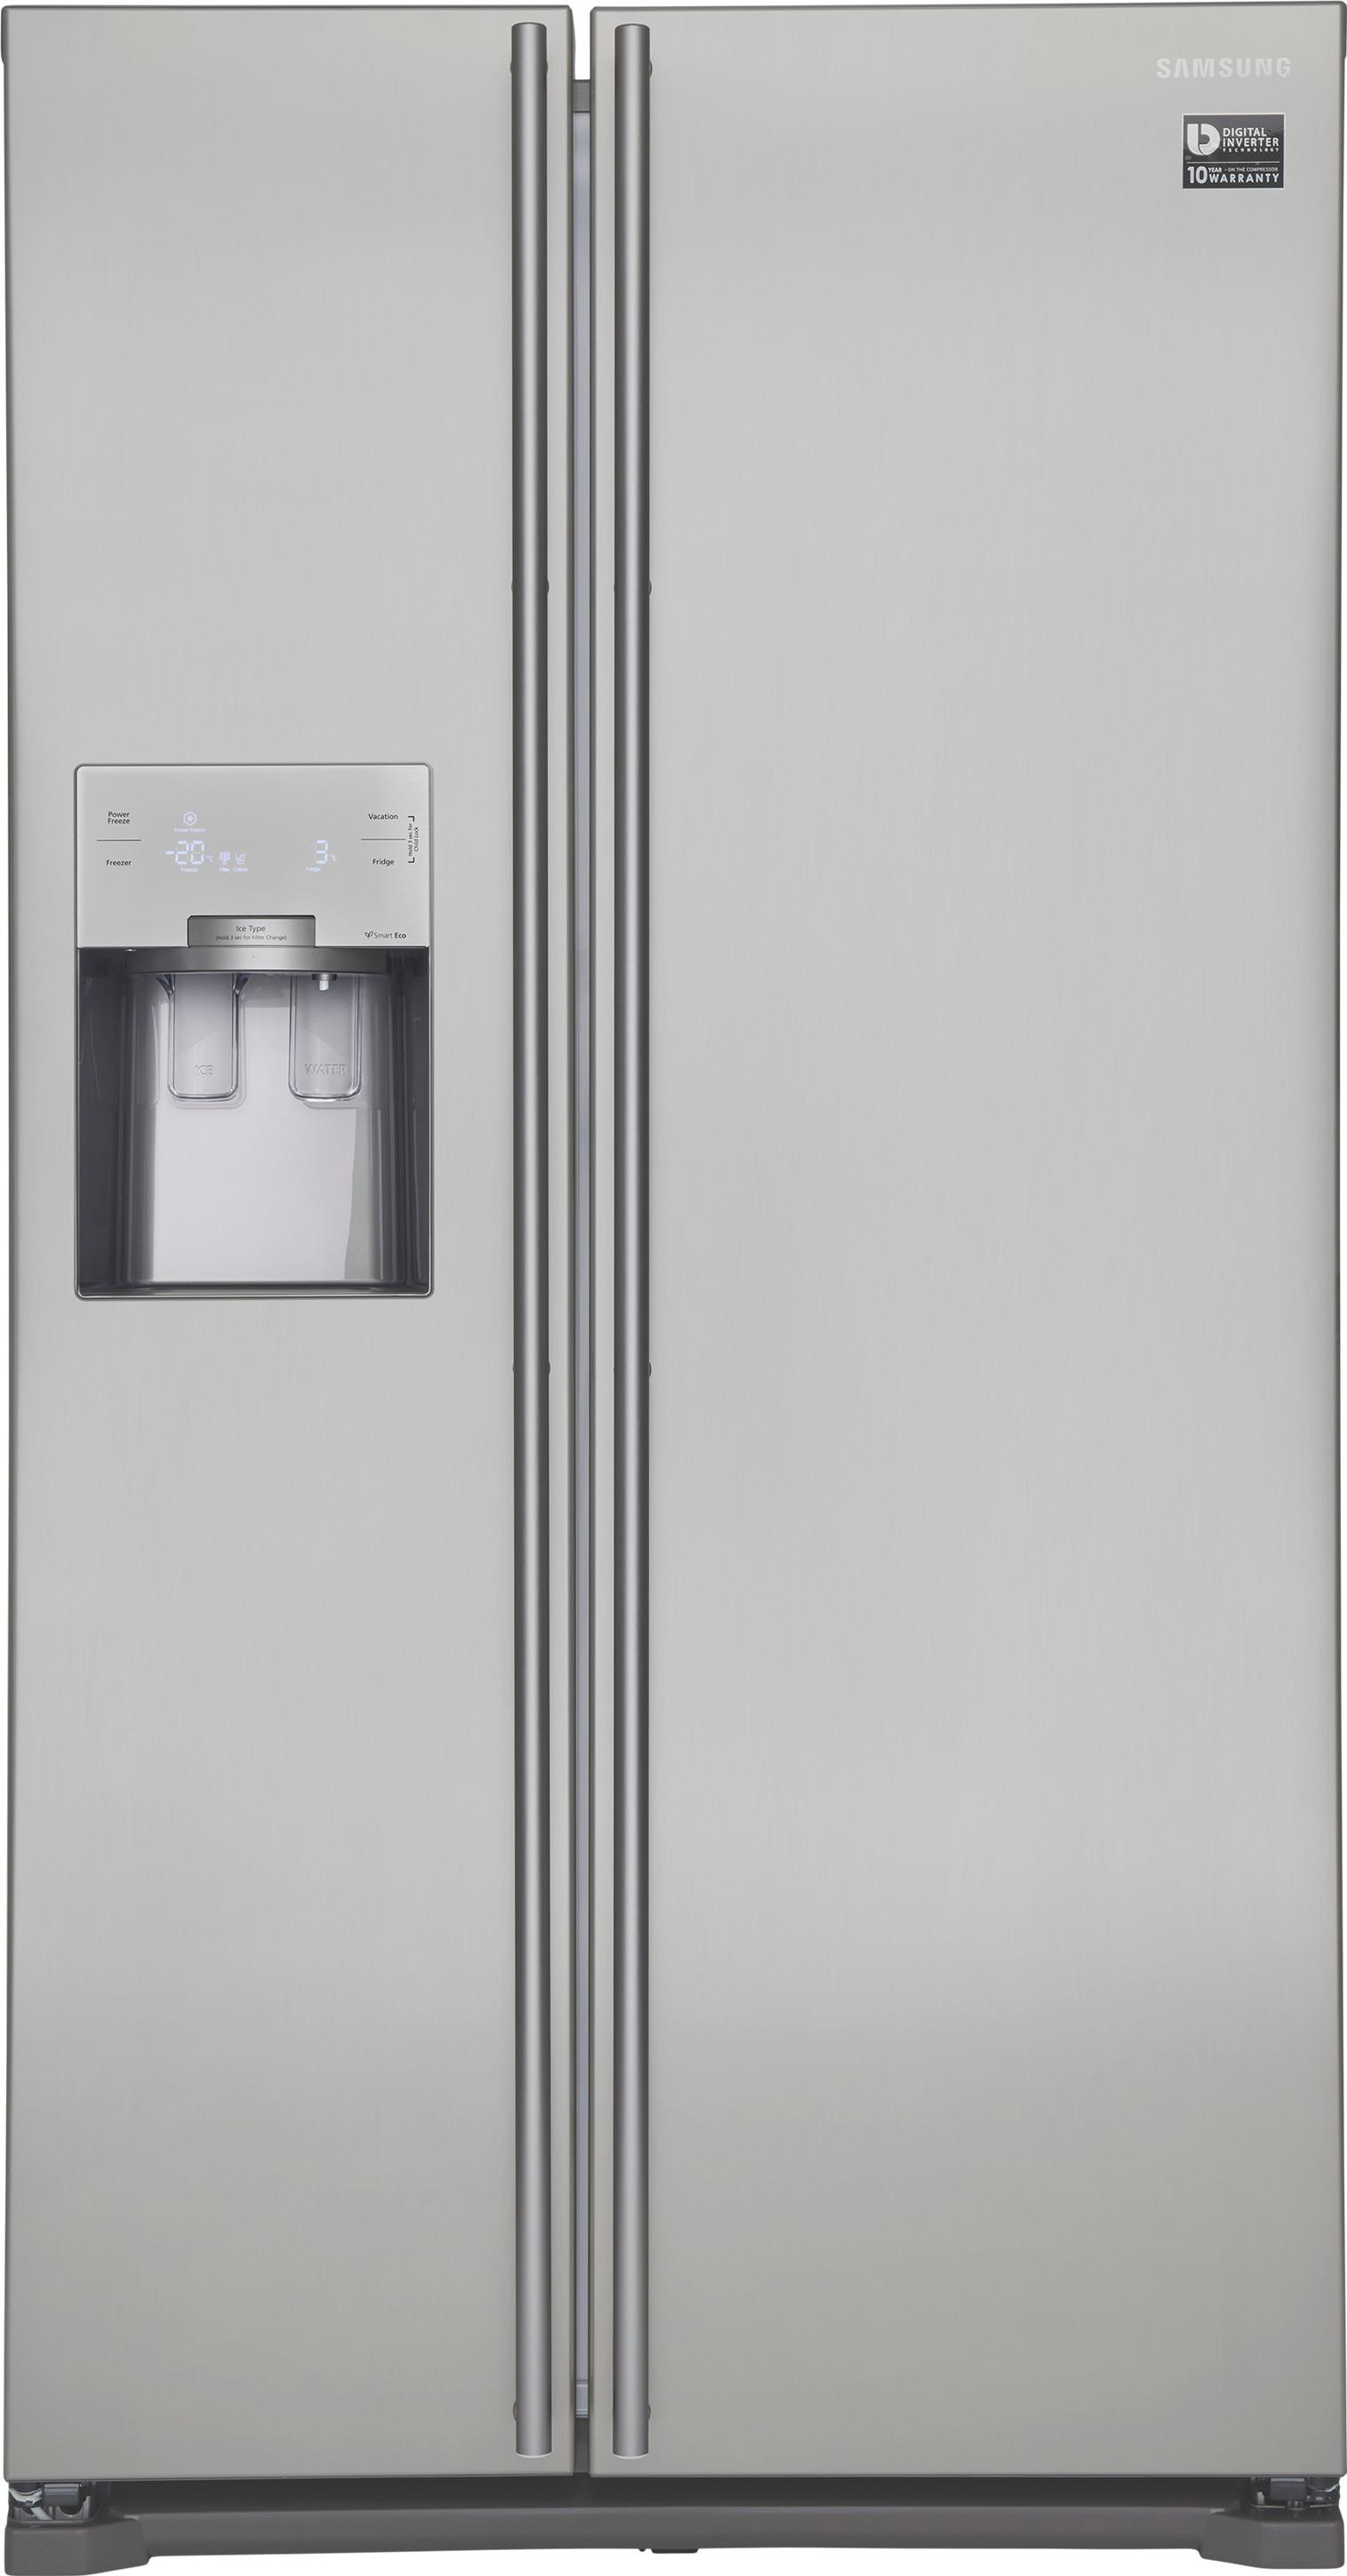 Top10 beste vrijstaande koelkast 2017